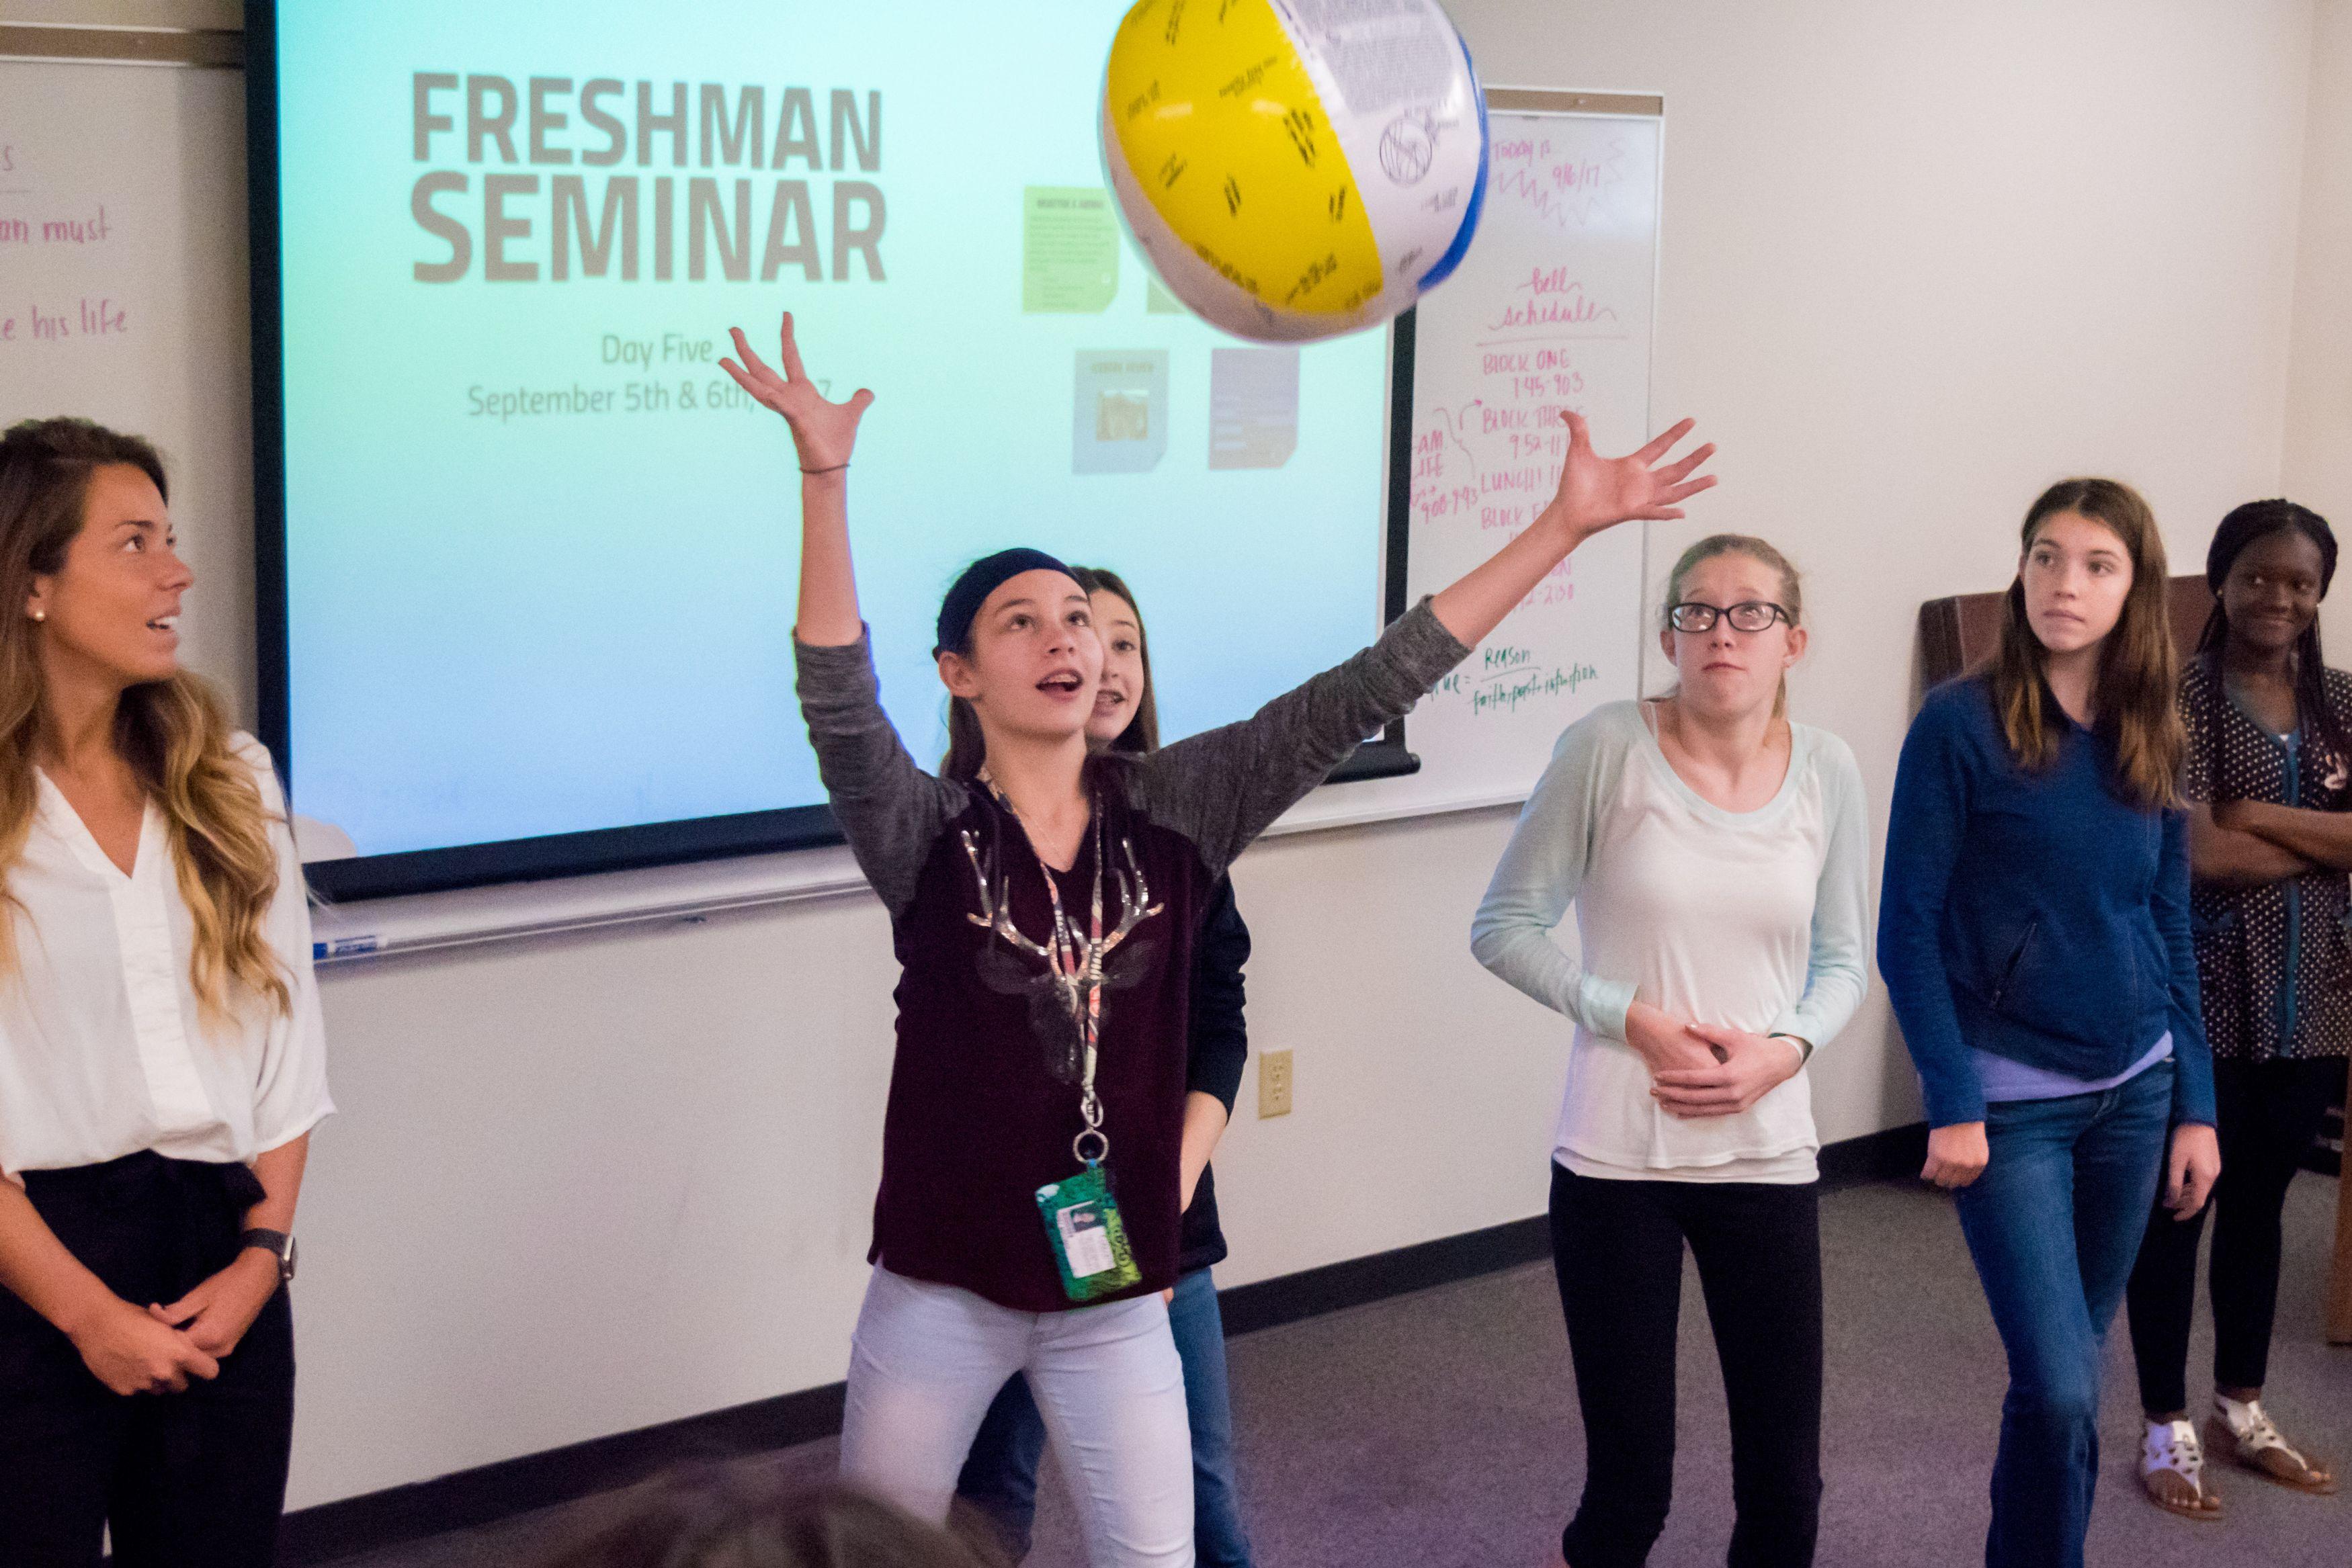 Freshmen Seminar